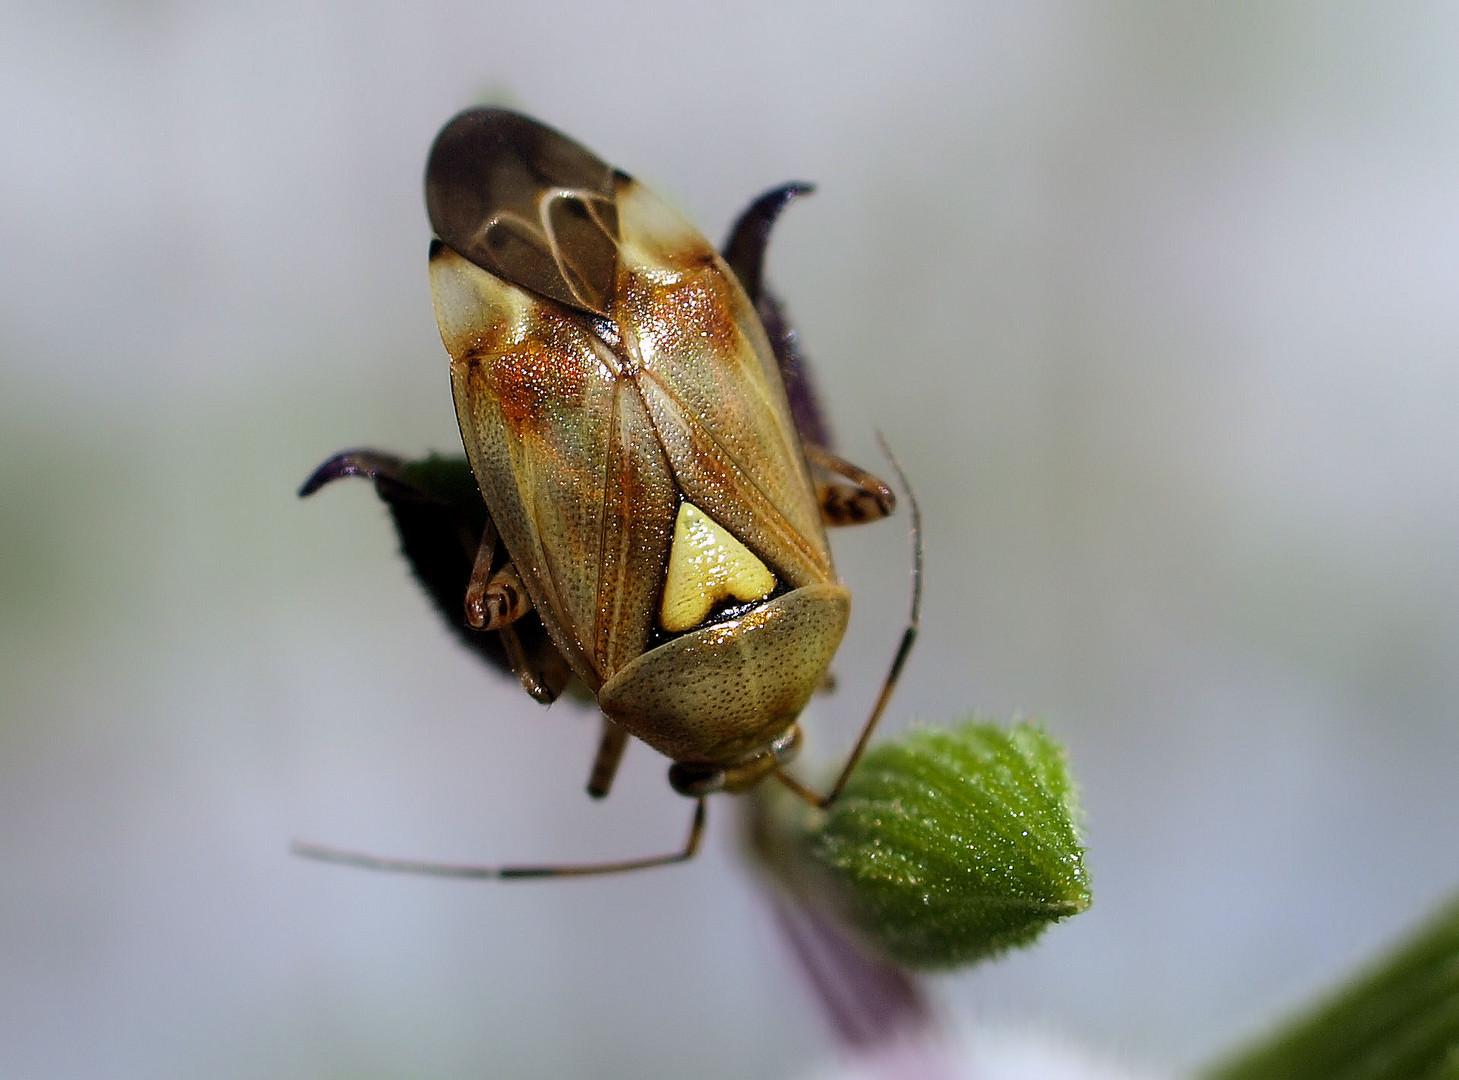 auch wanzen k nnen ein herz haben foto bild tiere wildlife insekten bilder auf. Black Bedroom Furniture Sets. Home Design Ideas